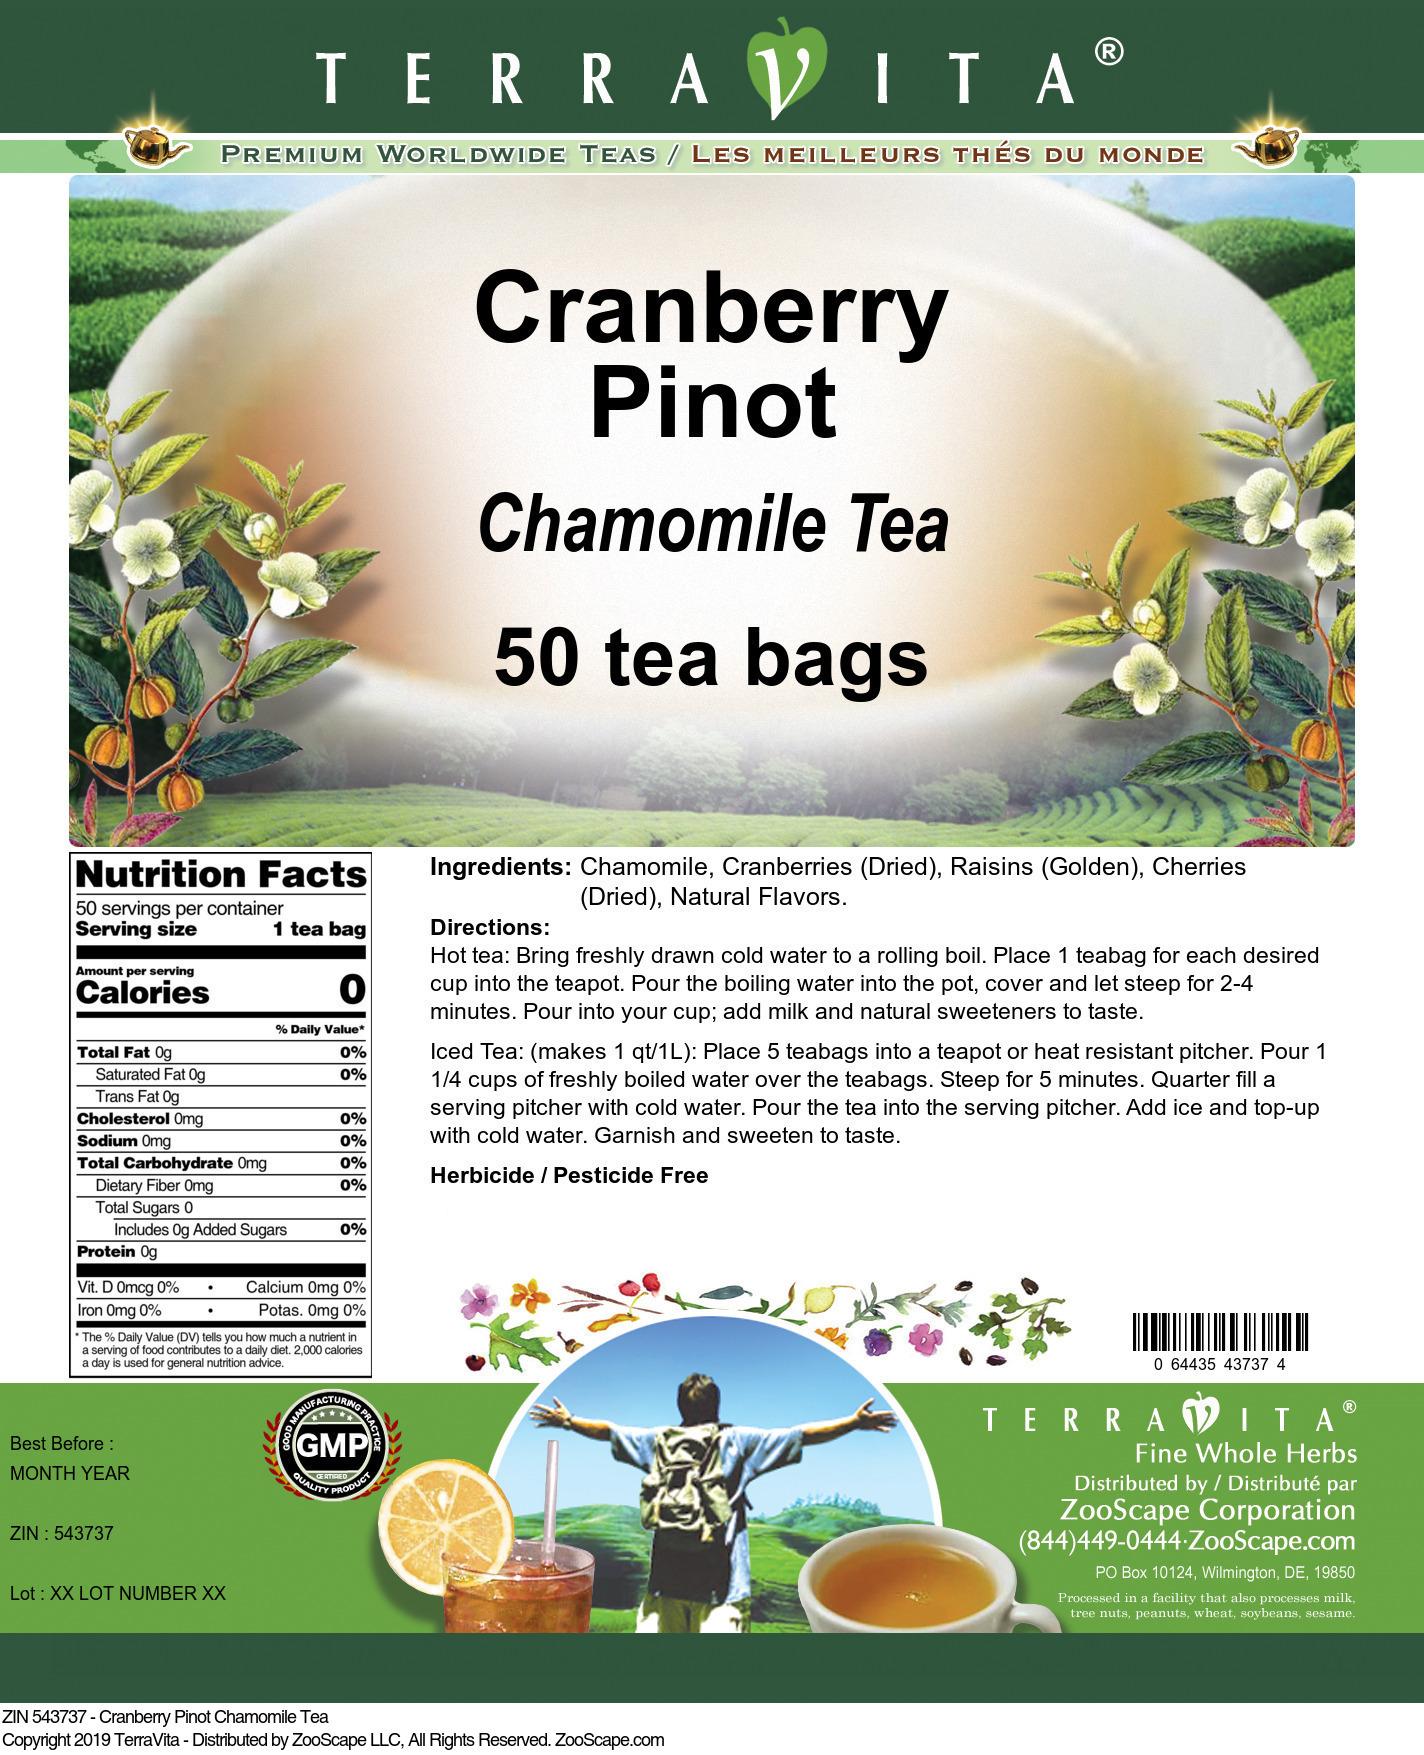 Cranberry Pinot Chamomile Tea